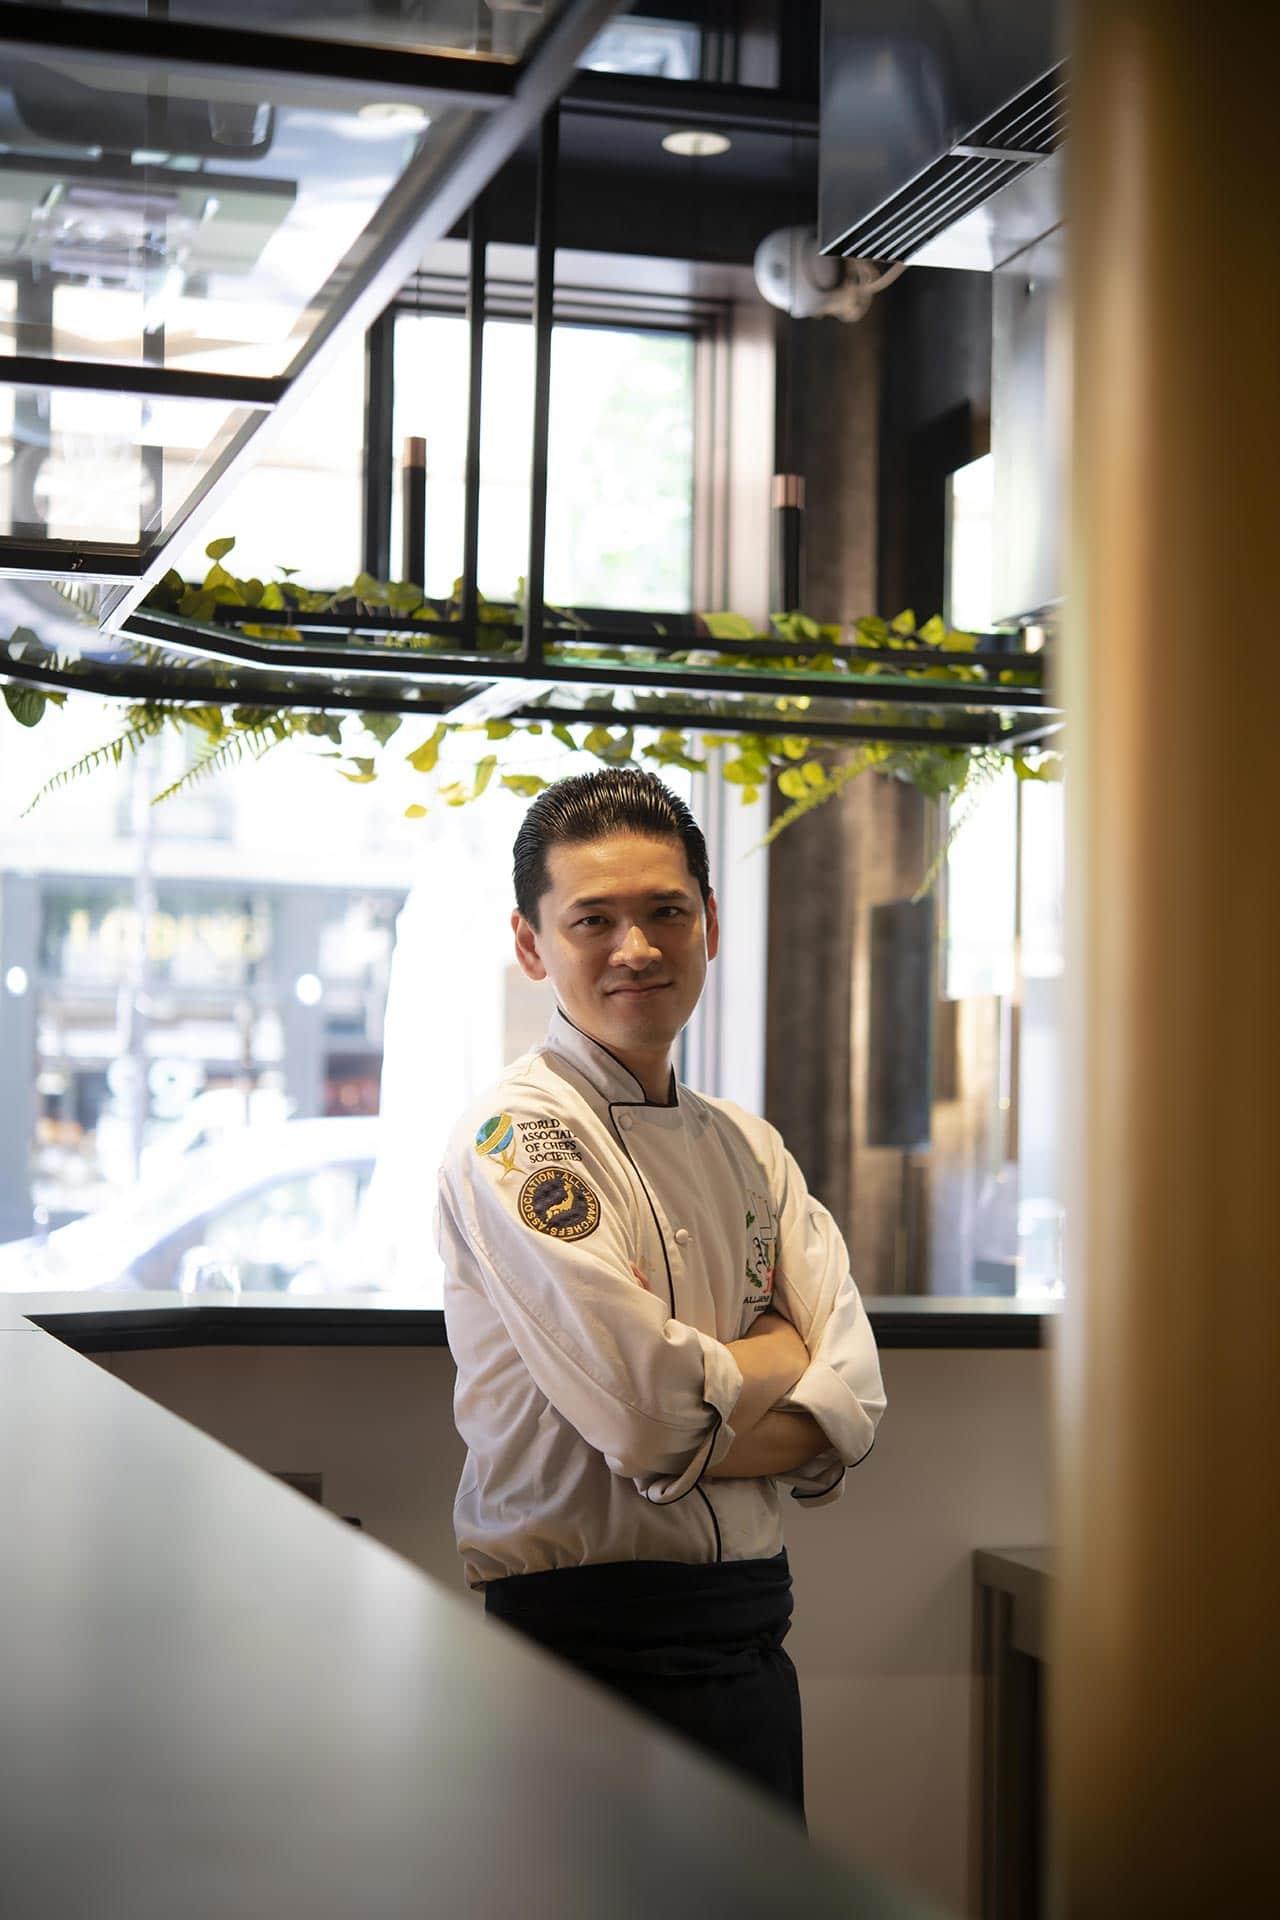 Le chef Japonais Hiroyuki Ushiro aux commandes du restaurant Shiro à Paris